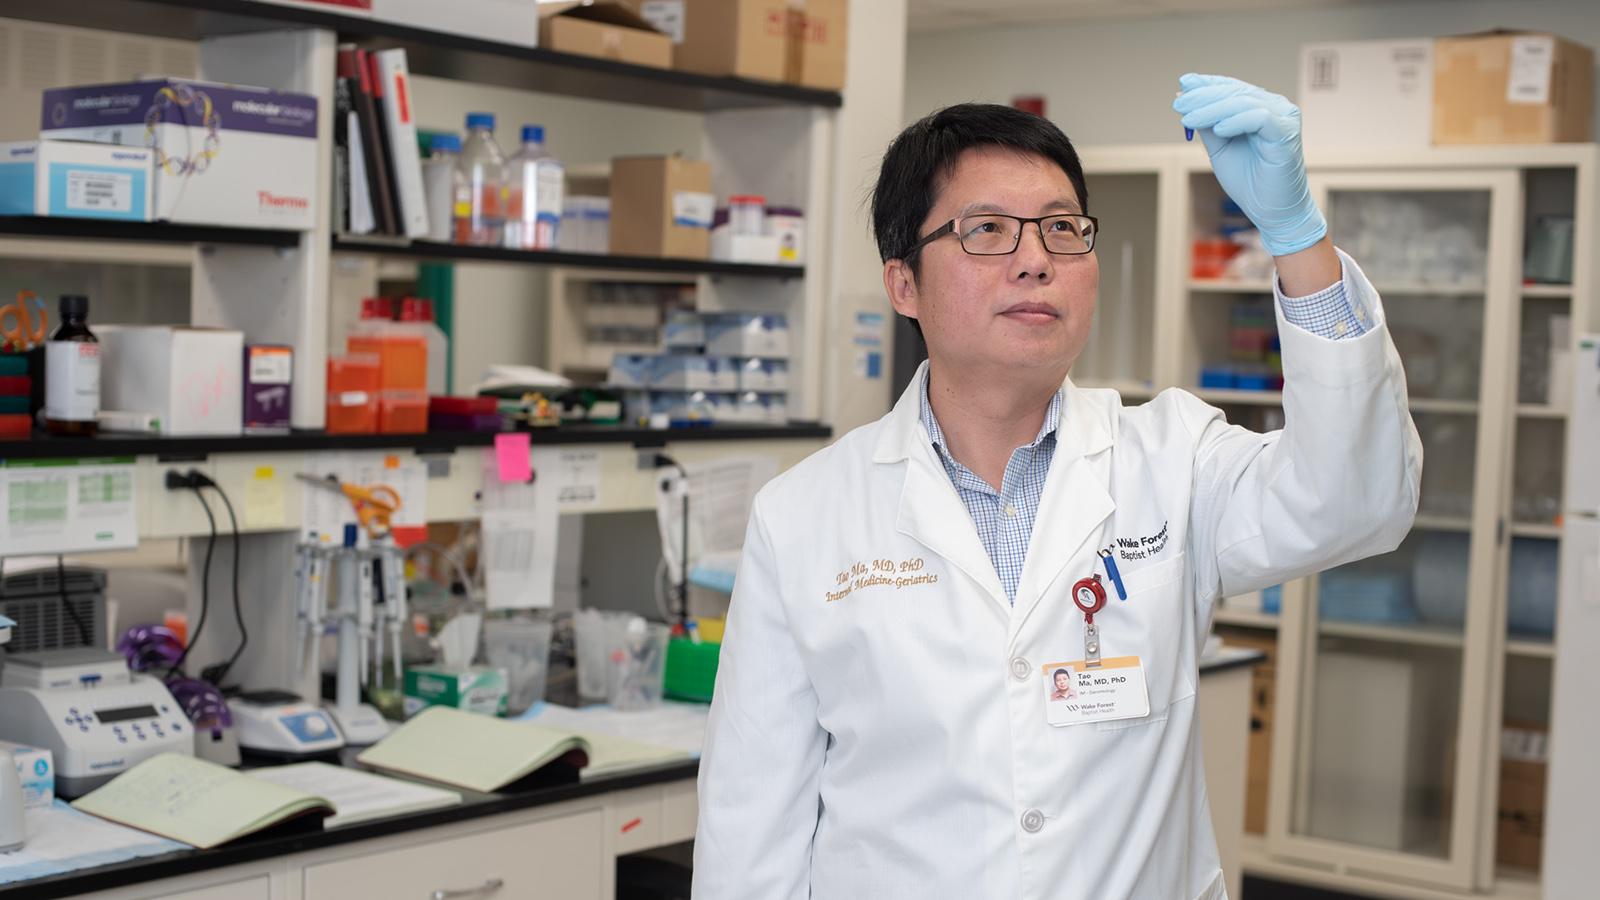 Tao Ma, MD, PhD